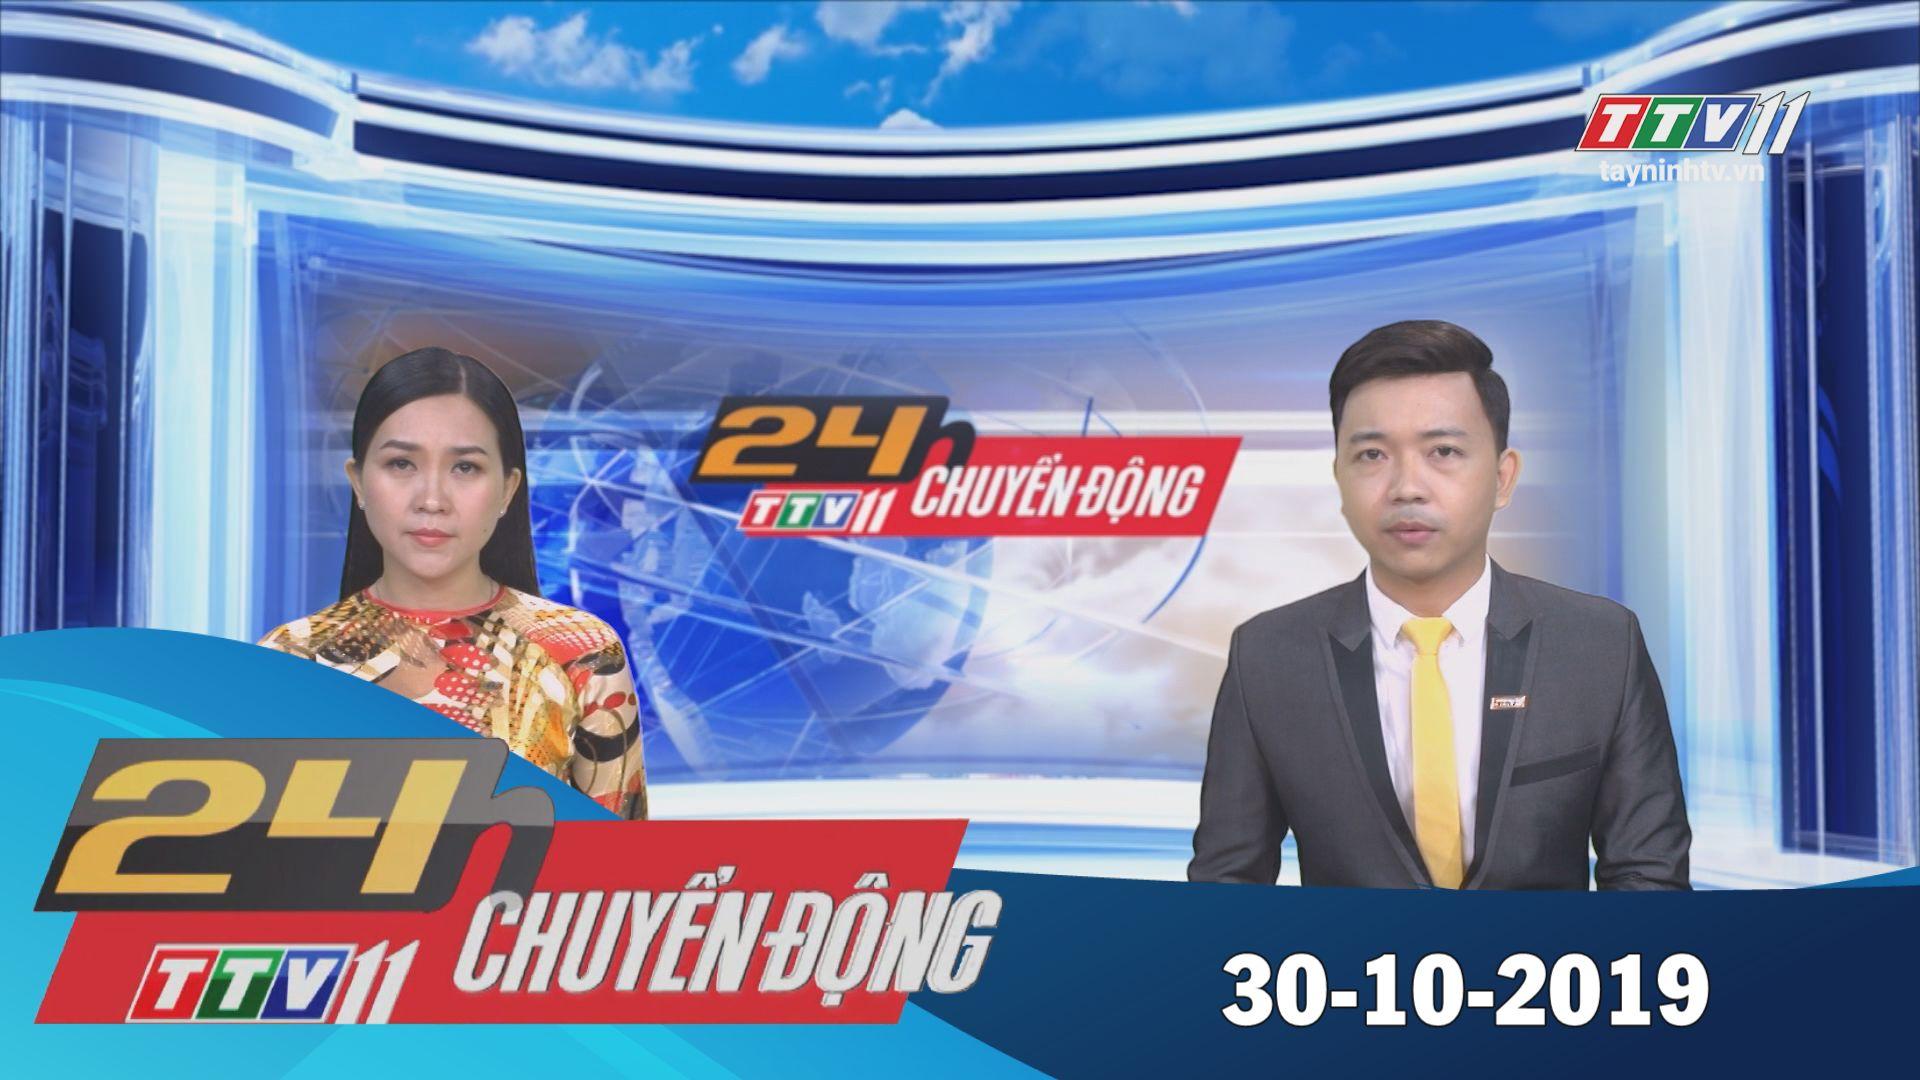 24h Chuyển động 30-10-2019 | Tin tức hôm nay | Tây Ninh TV